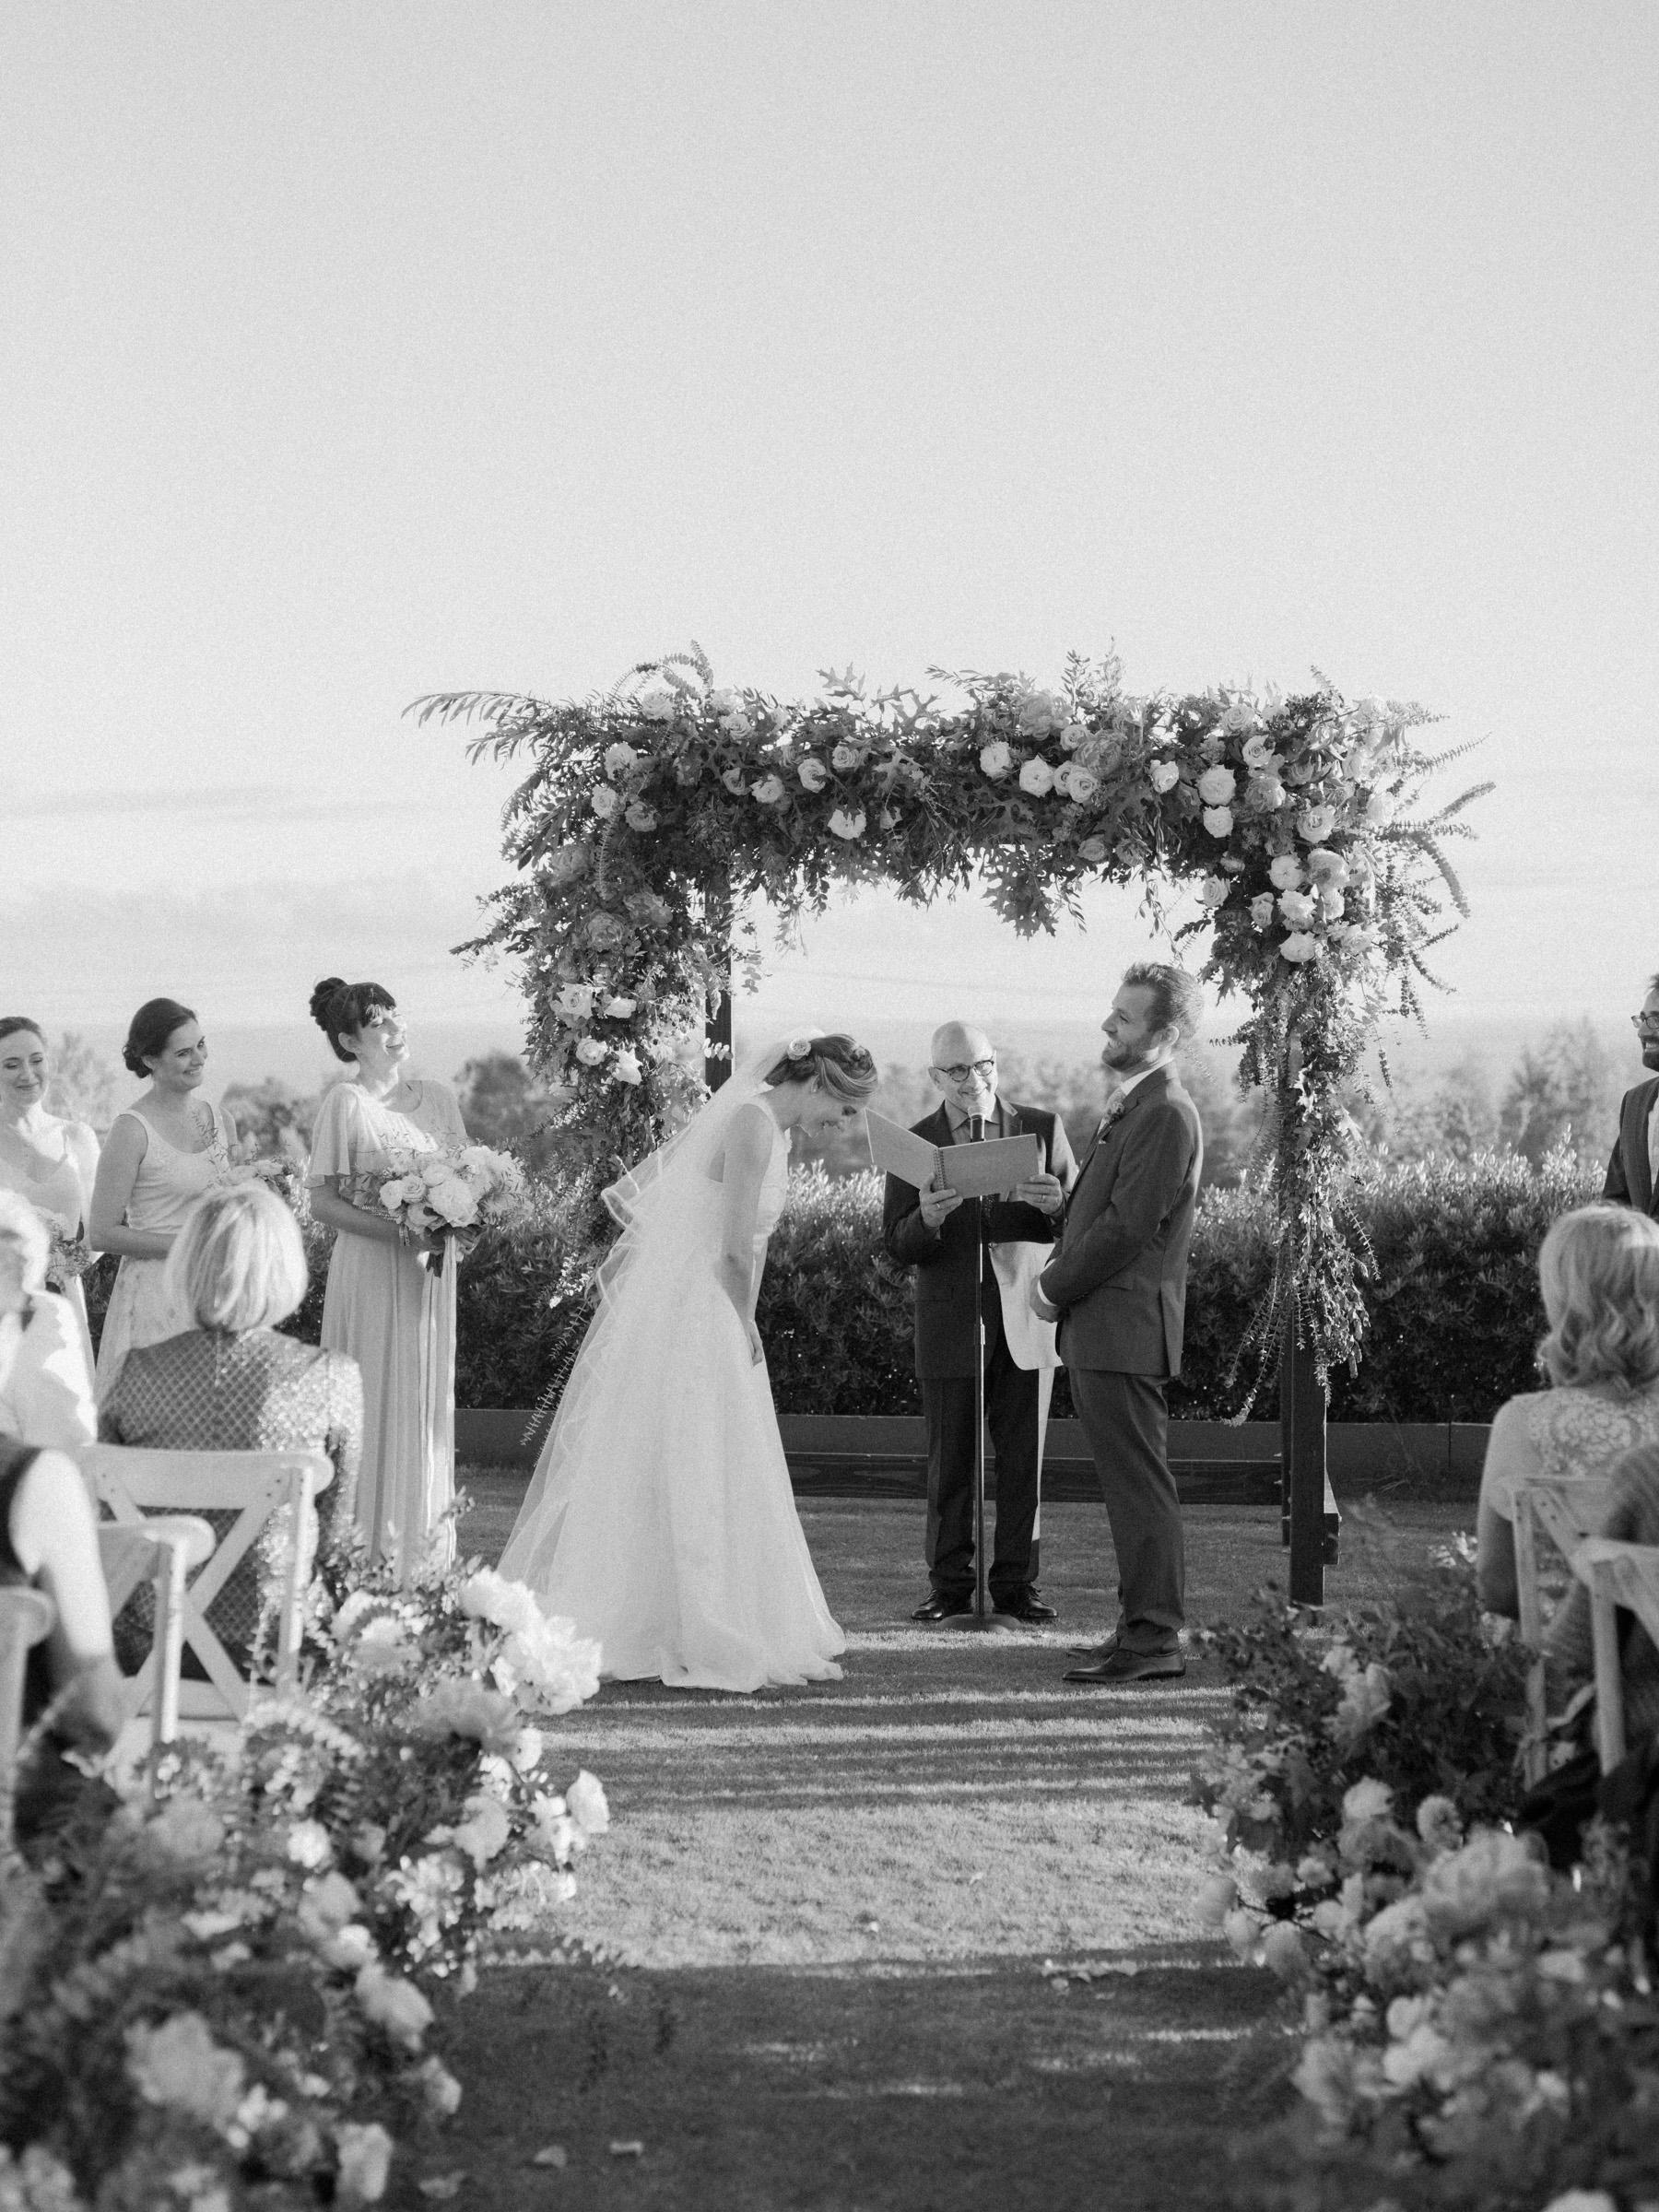 kathryn ian wedding ceremony